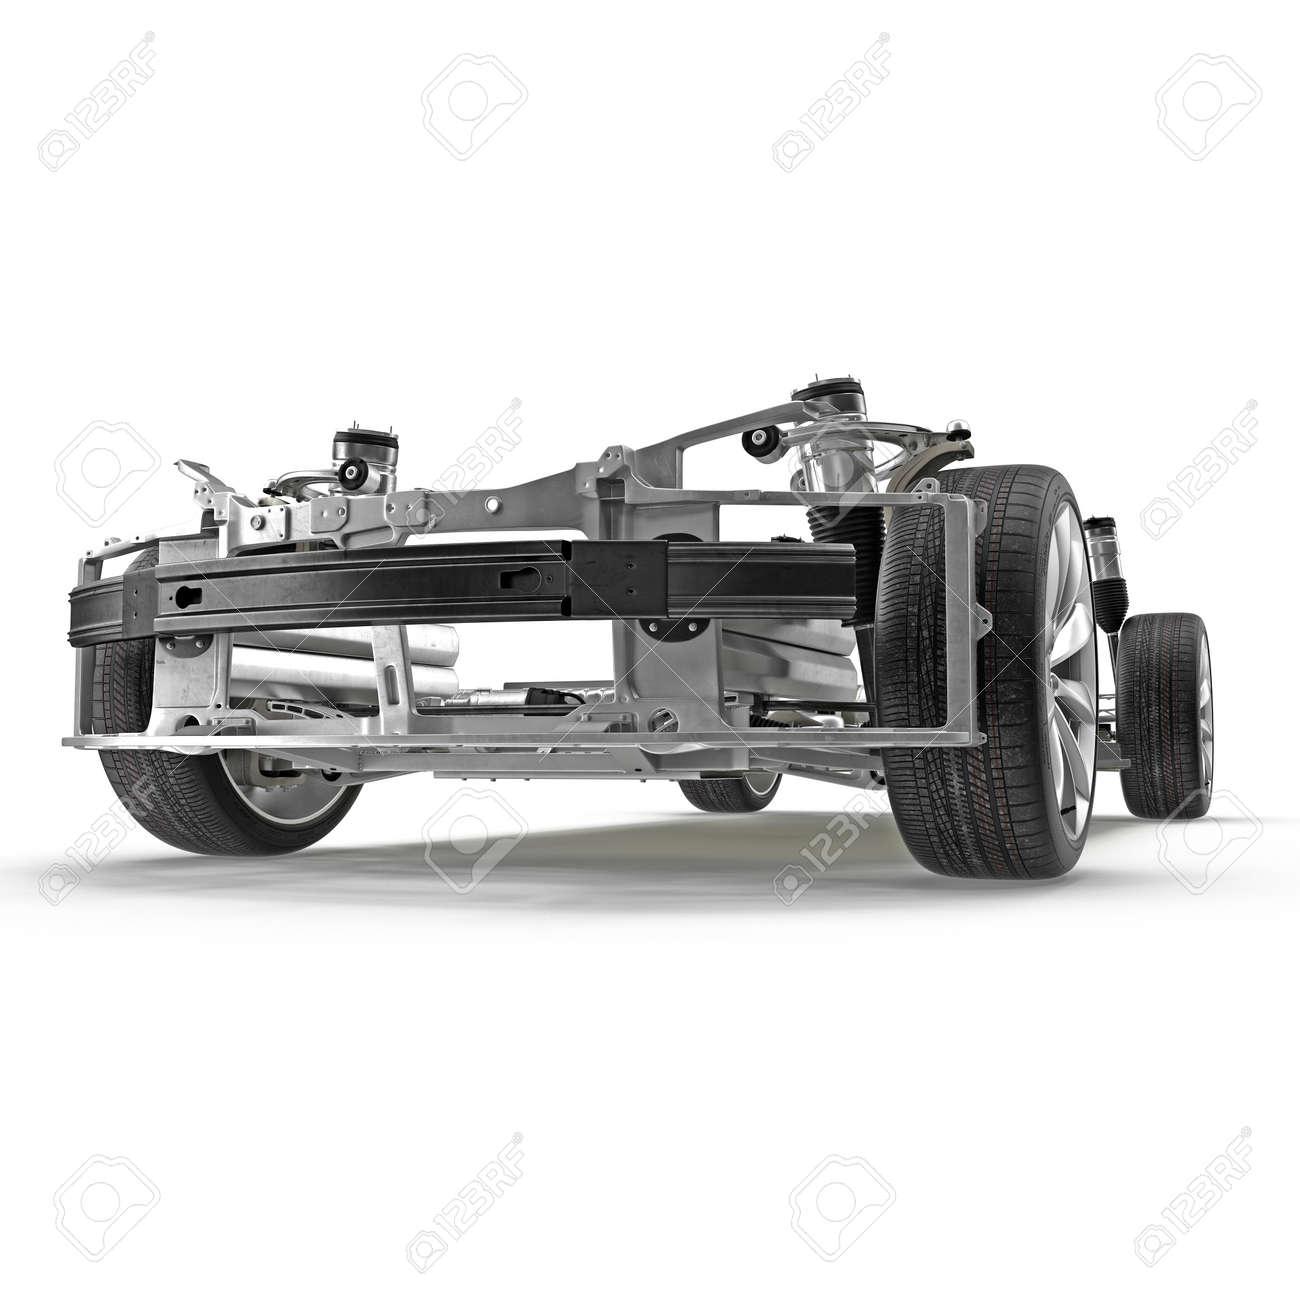 Sedán Chasis Con Motor Eléctrico Con Batería Aislada En Blanco ...